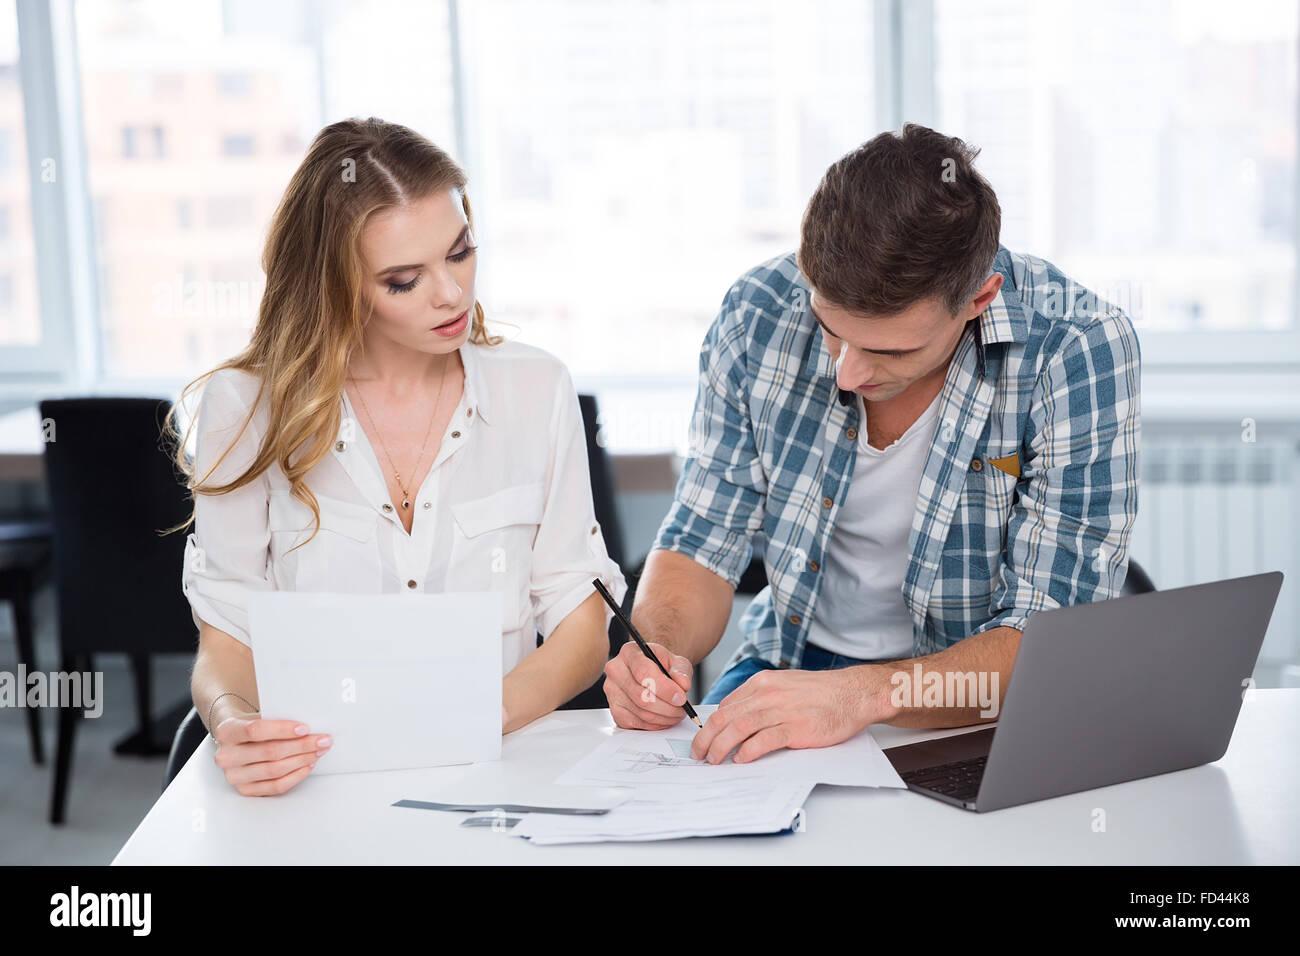 Nachdenkliche Frau und Mann arbeiten und diskutieren Projekt und mit Laptop im Büro konzentriert Stockbild